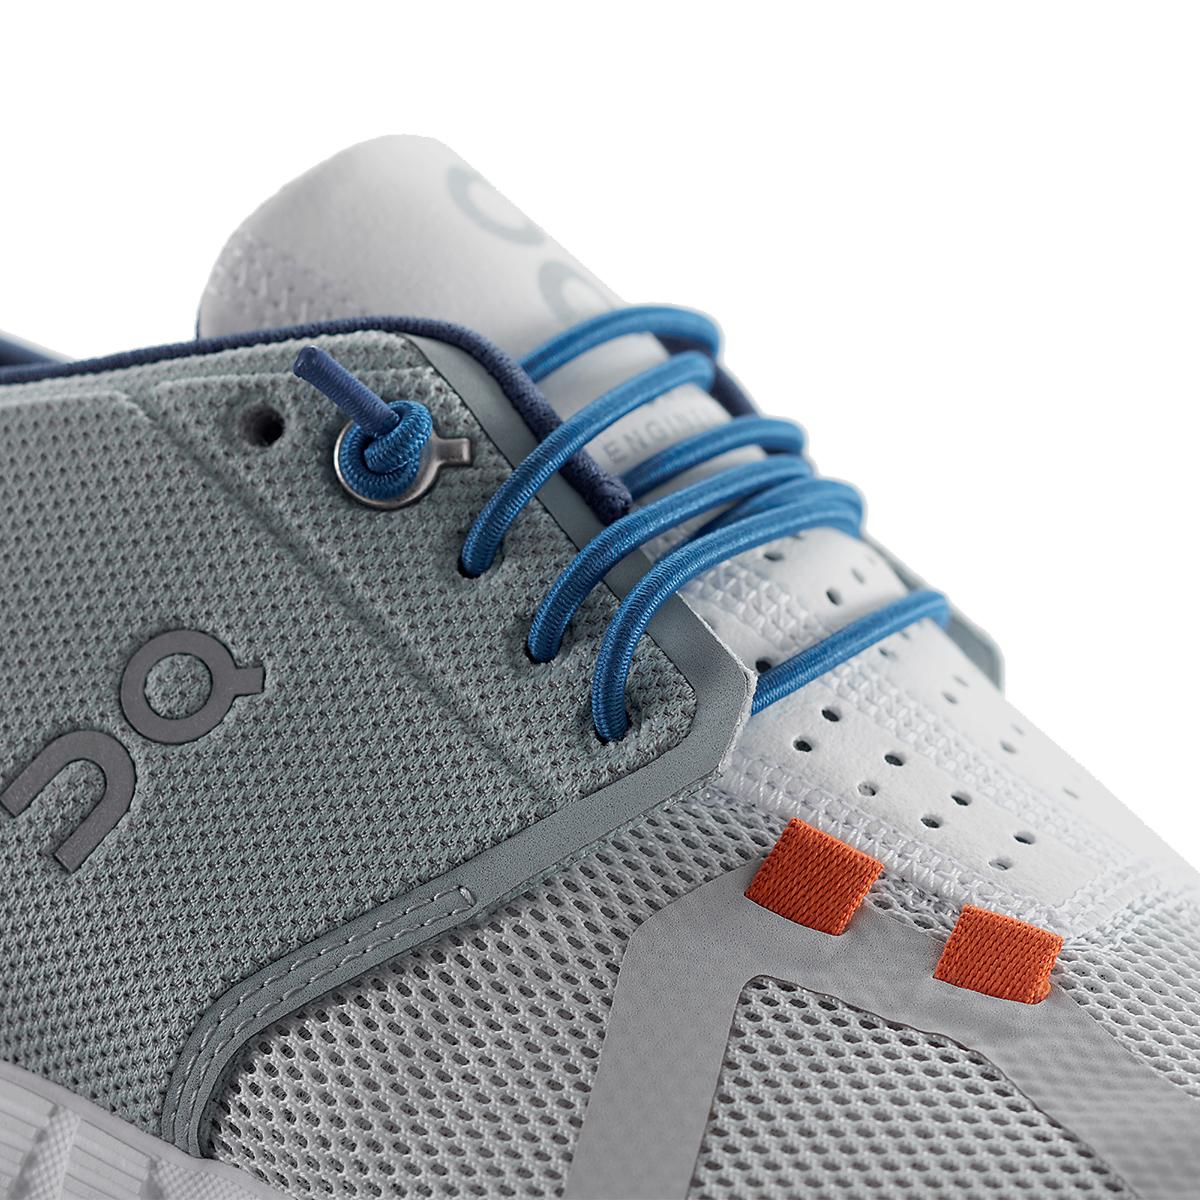 Women's On Cloud 70/30 Lifestyle Shoe - Color: Mist/Sapphire - Size: 5.5 - Width: Regular, Mist/Sapphire, large, image 4